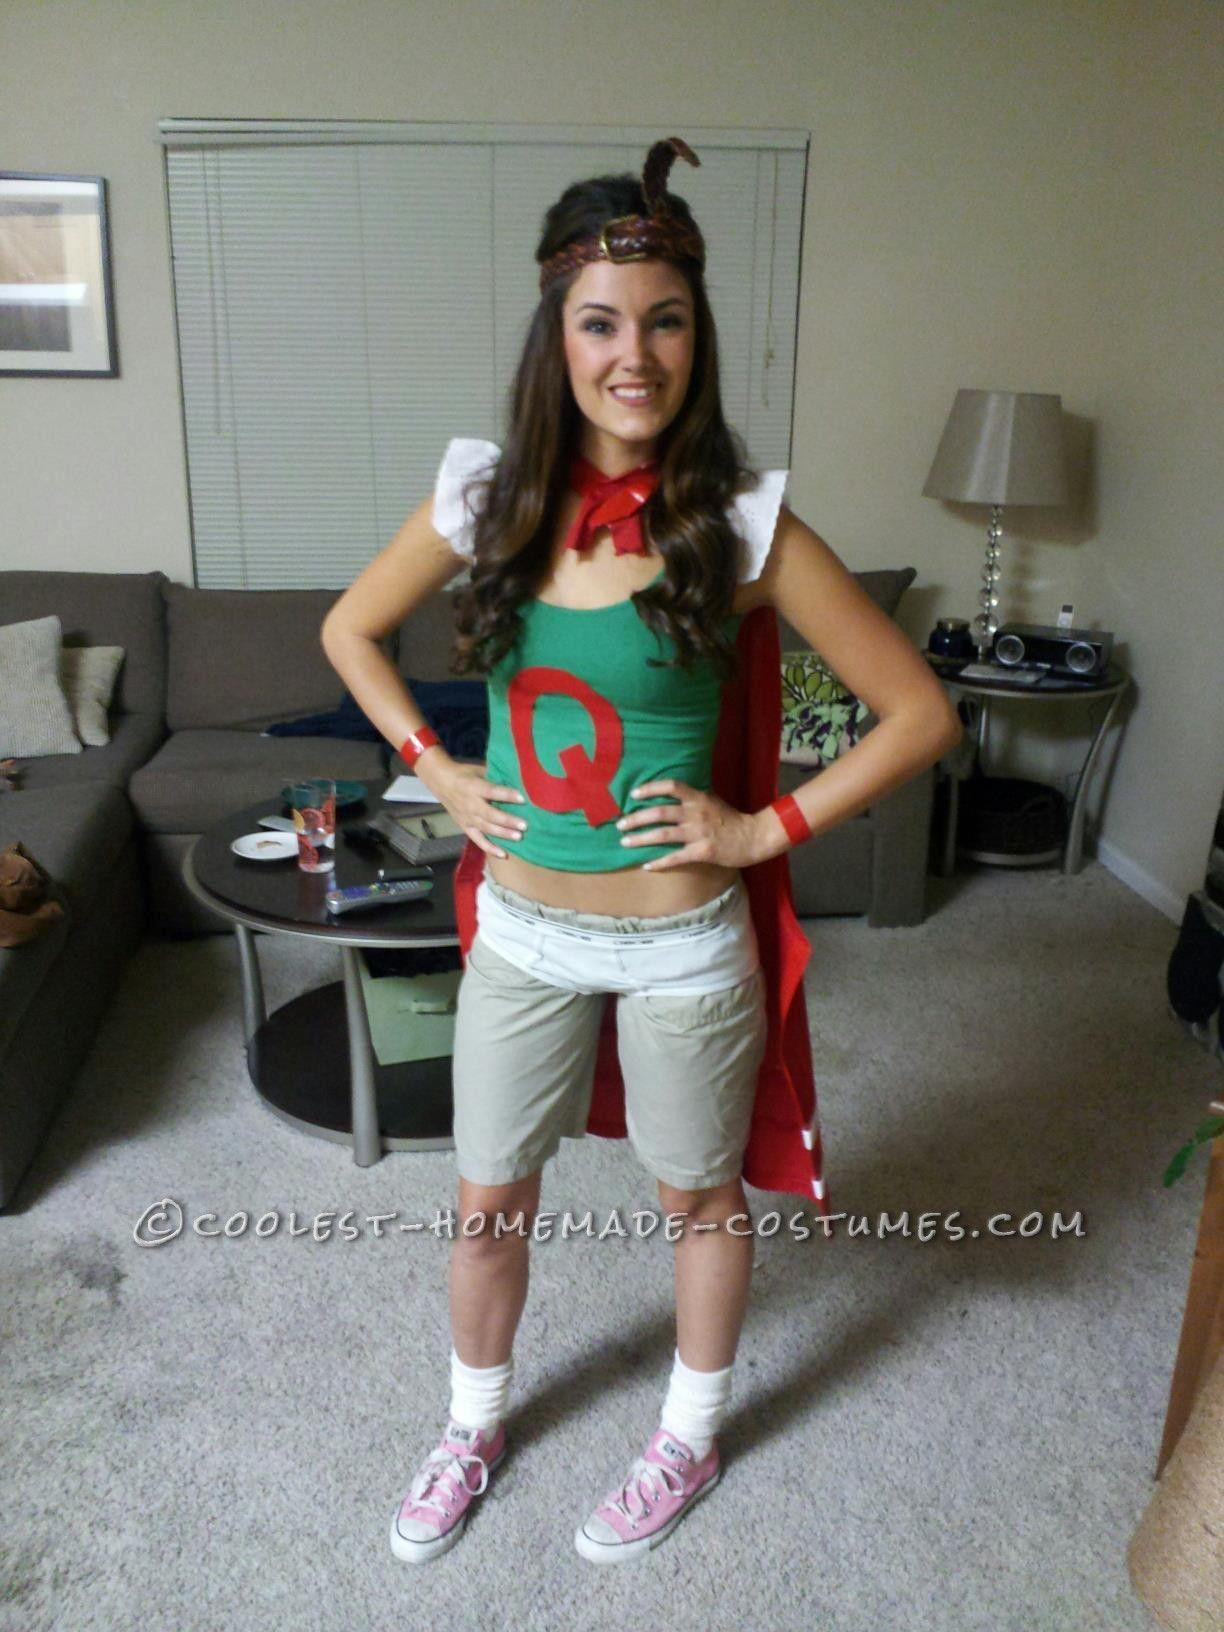 Original Doug Funnie's QuailWoman Costume... This website ...